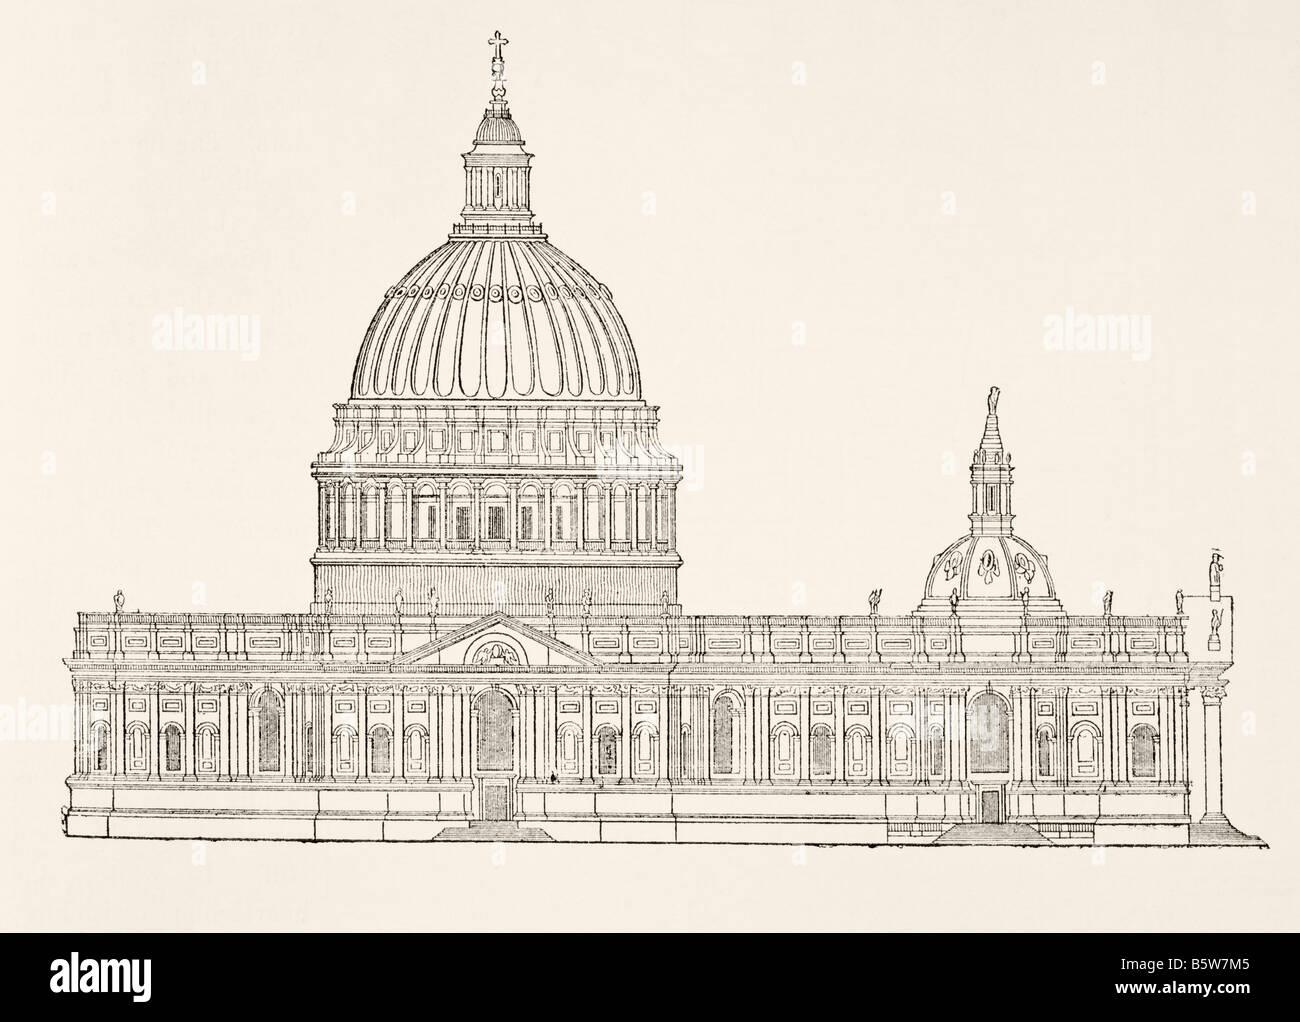 Christopher Wren s erster Entwurf für den neuen St Paul s Cathedral nach dem großen Brand von LondonStockfoto